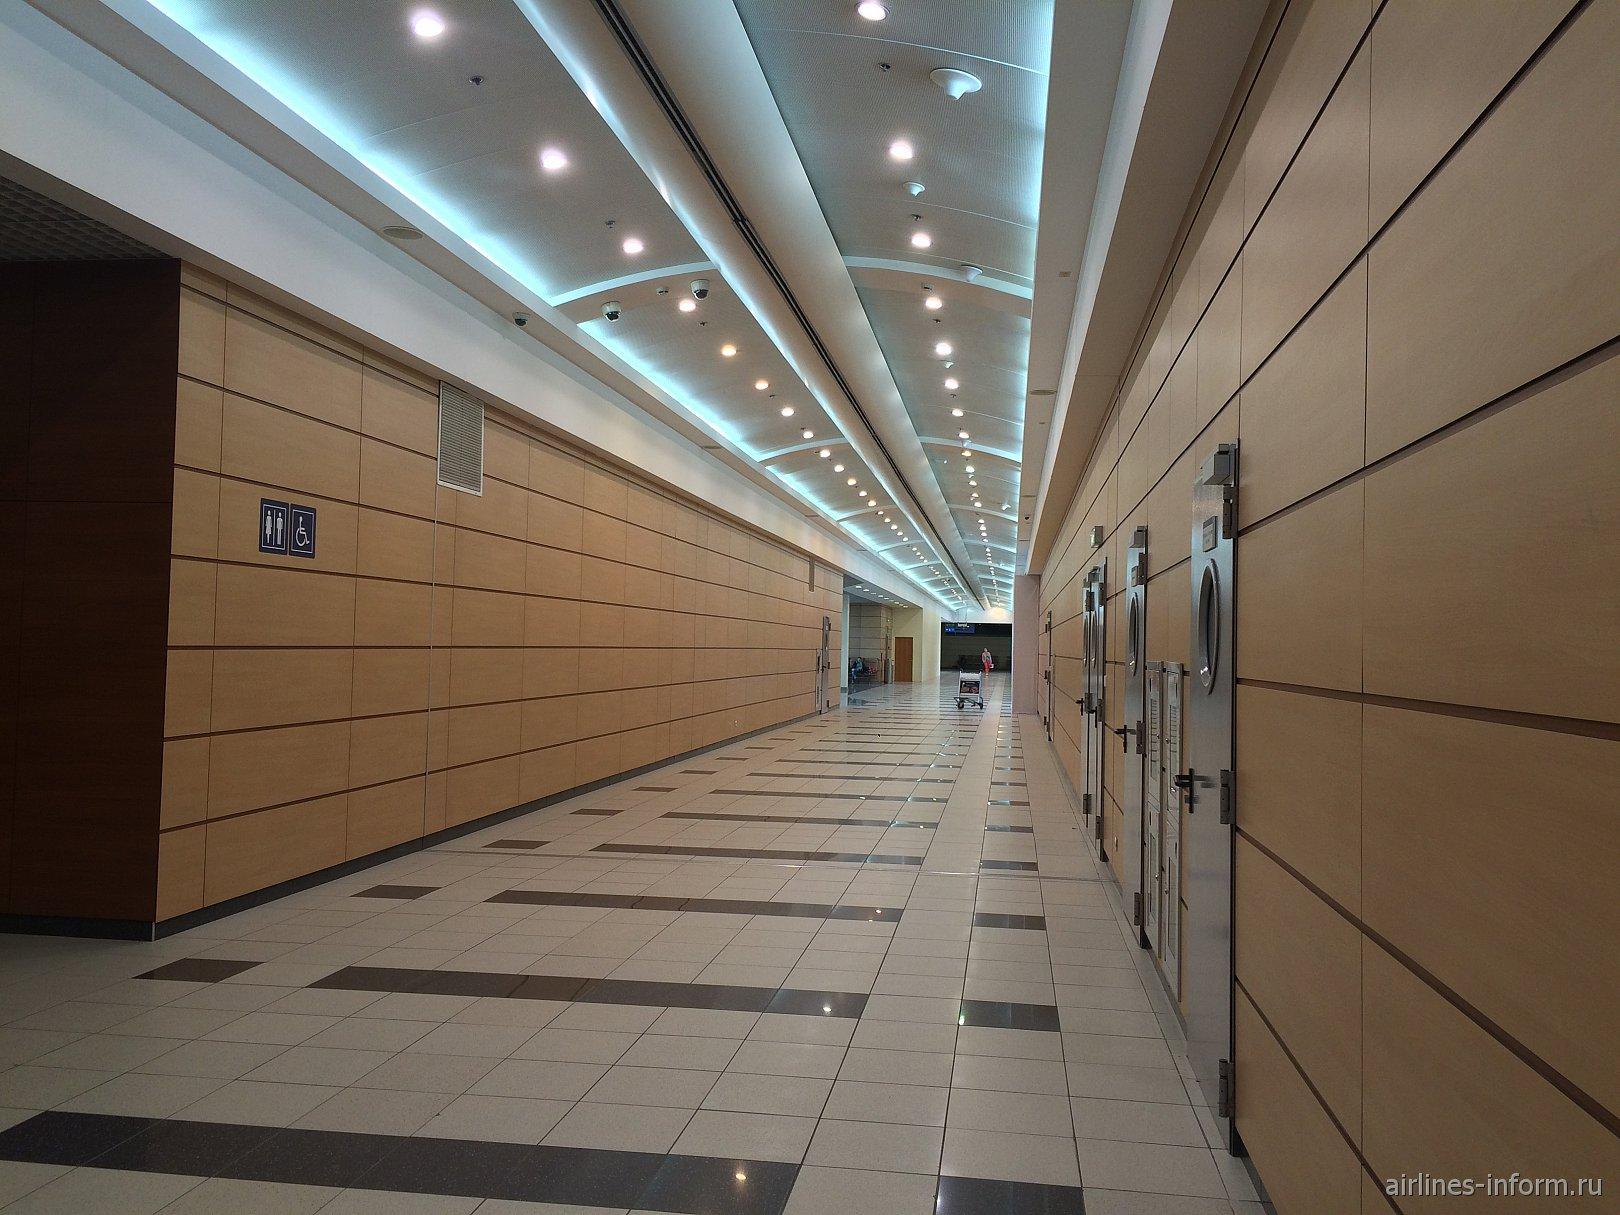 На 3-м этаже в чистой зоне внутренних авиалиний аэропорта Домодедово